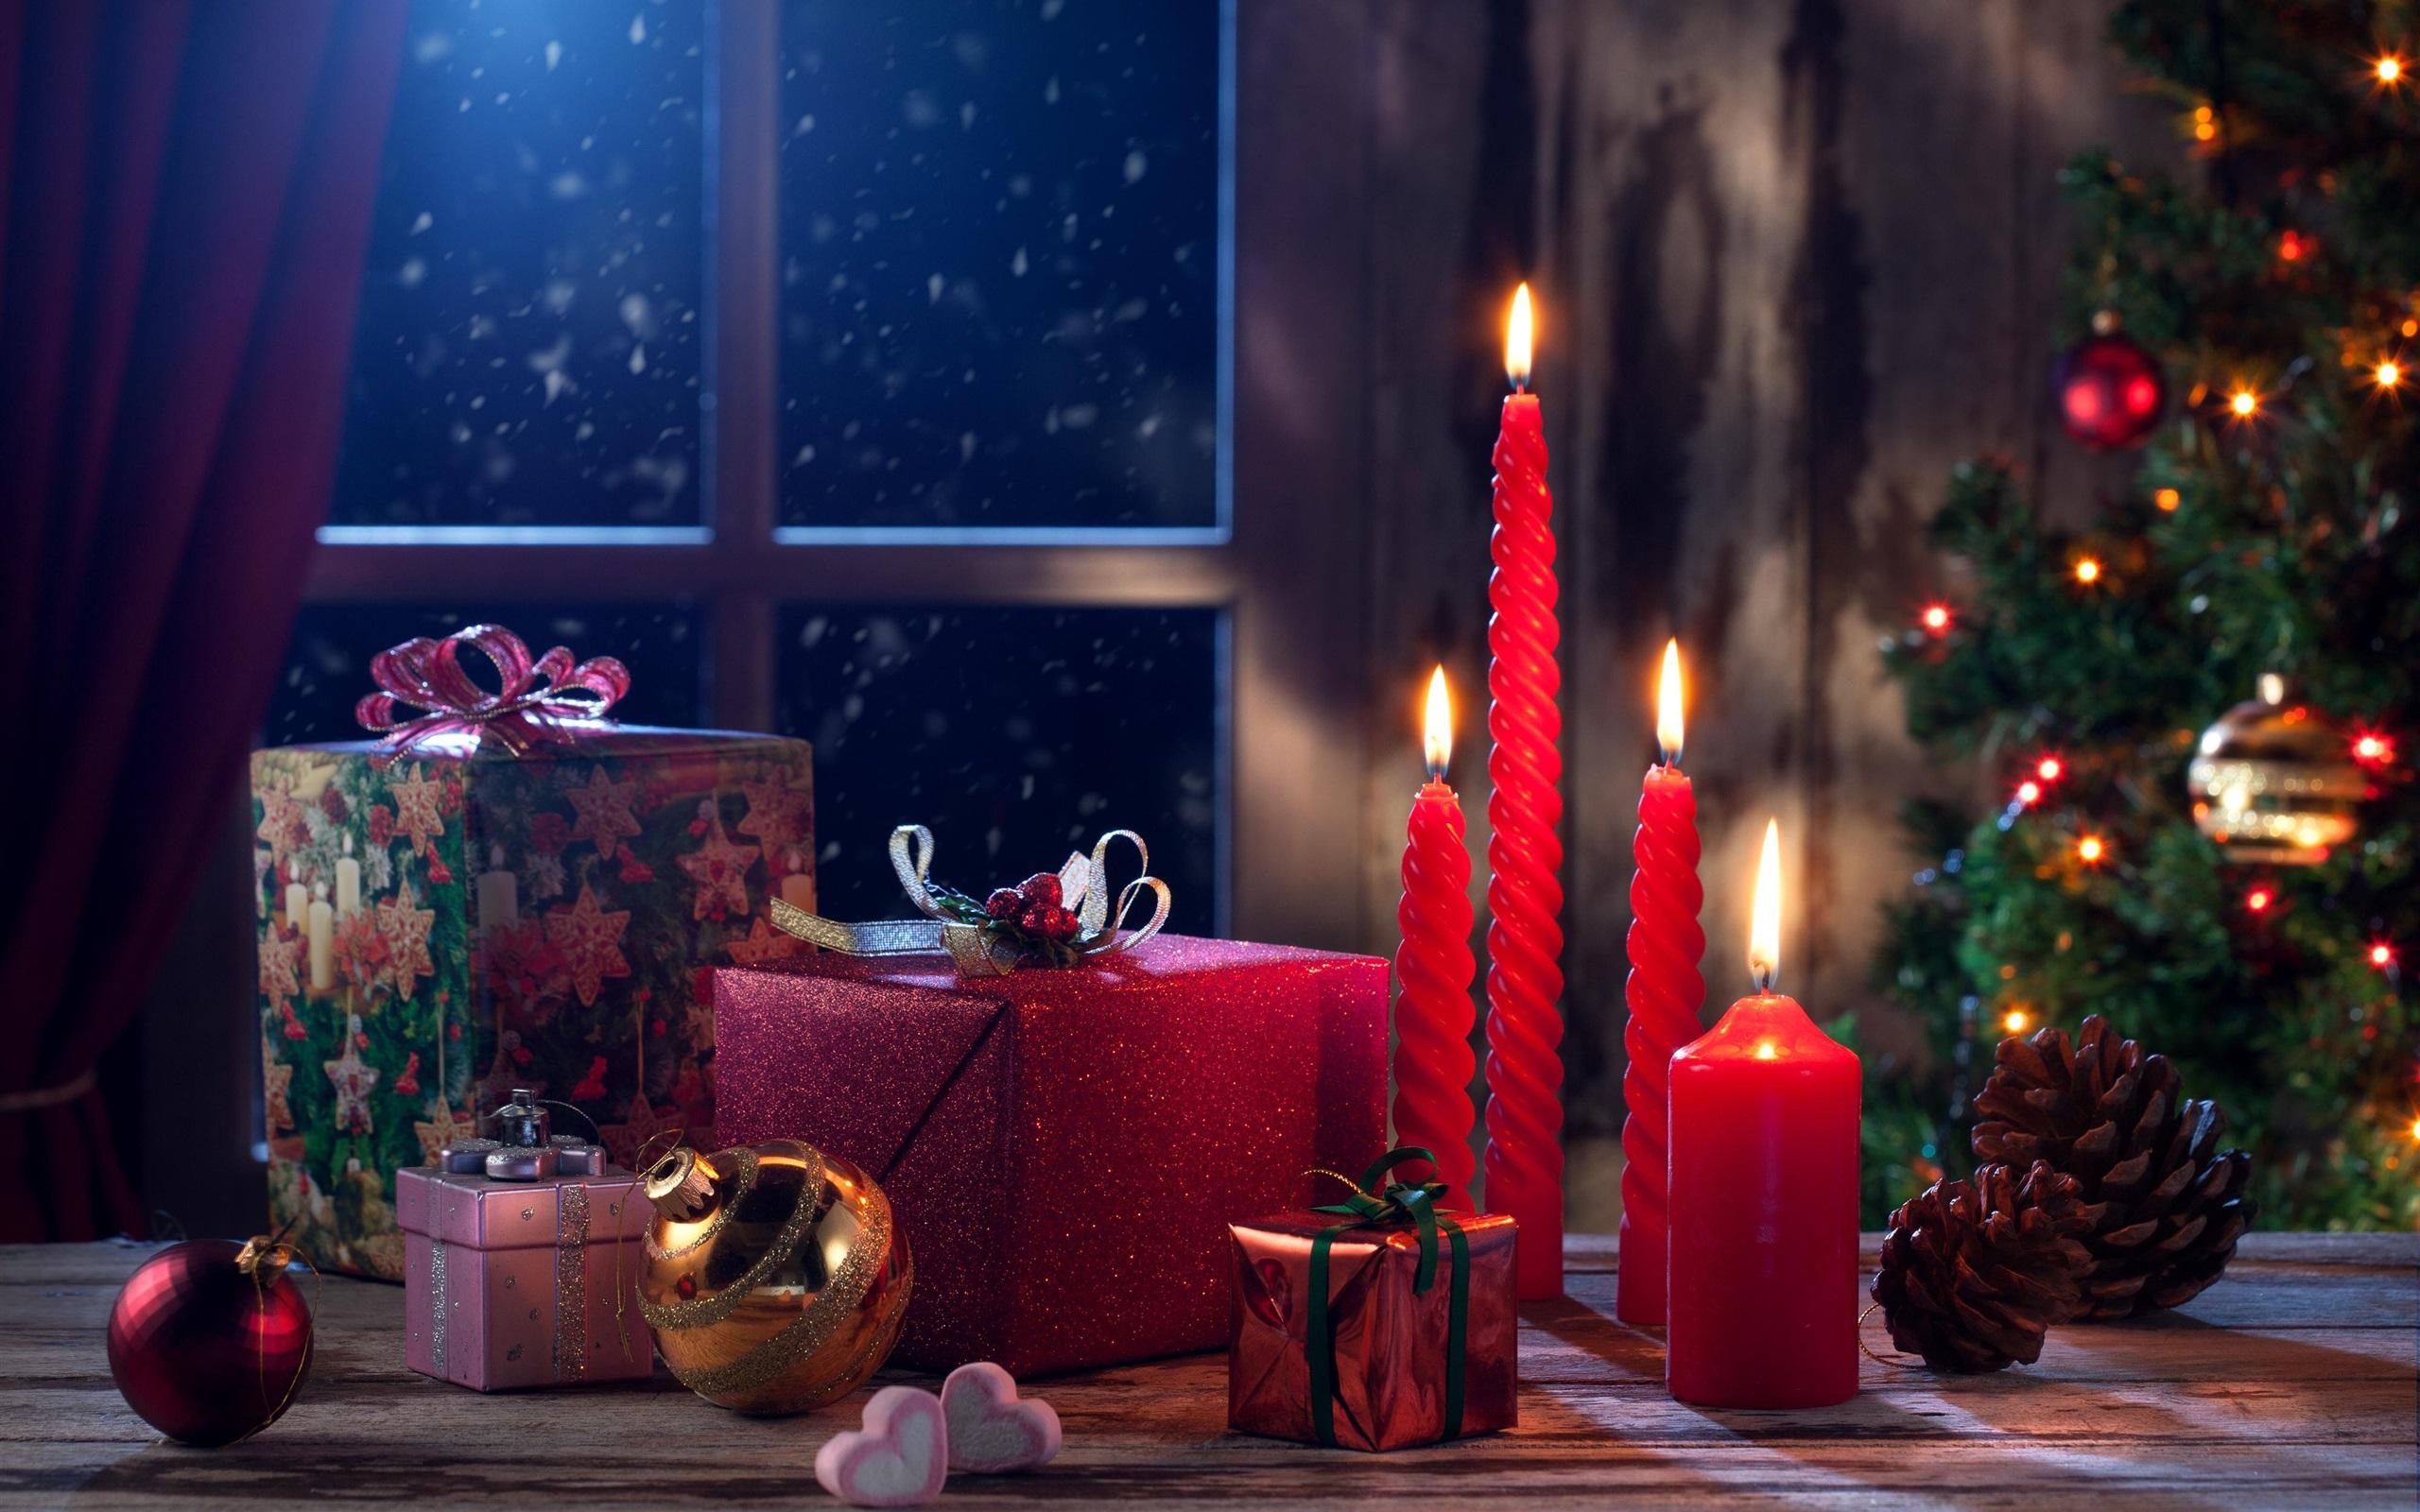 рождественские картинки с новым годом 2019 этого, двухцветное